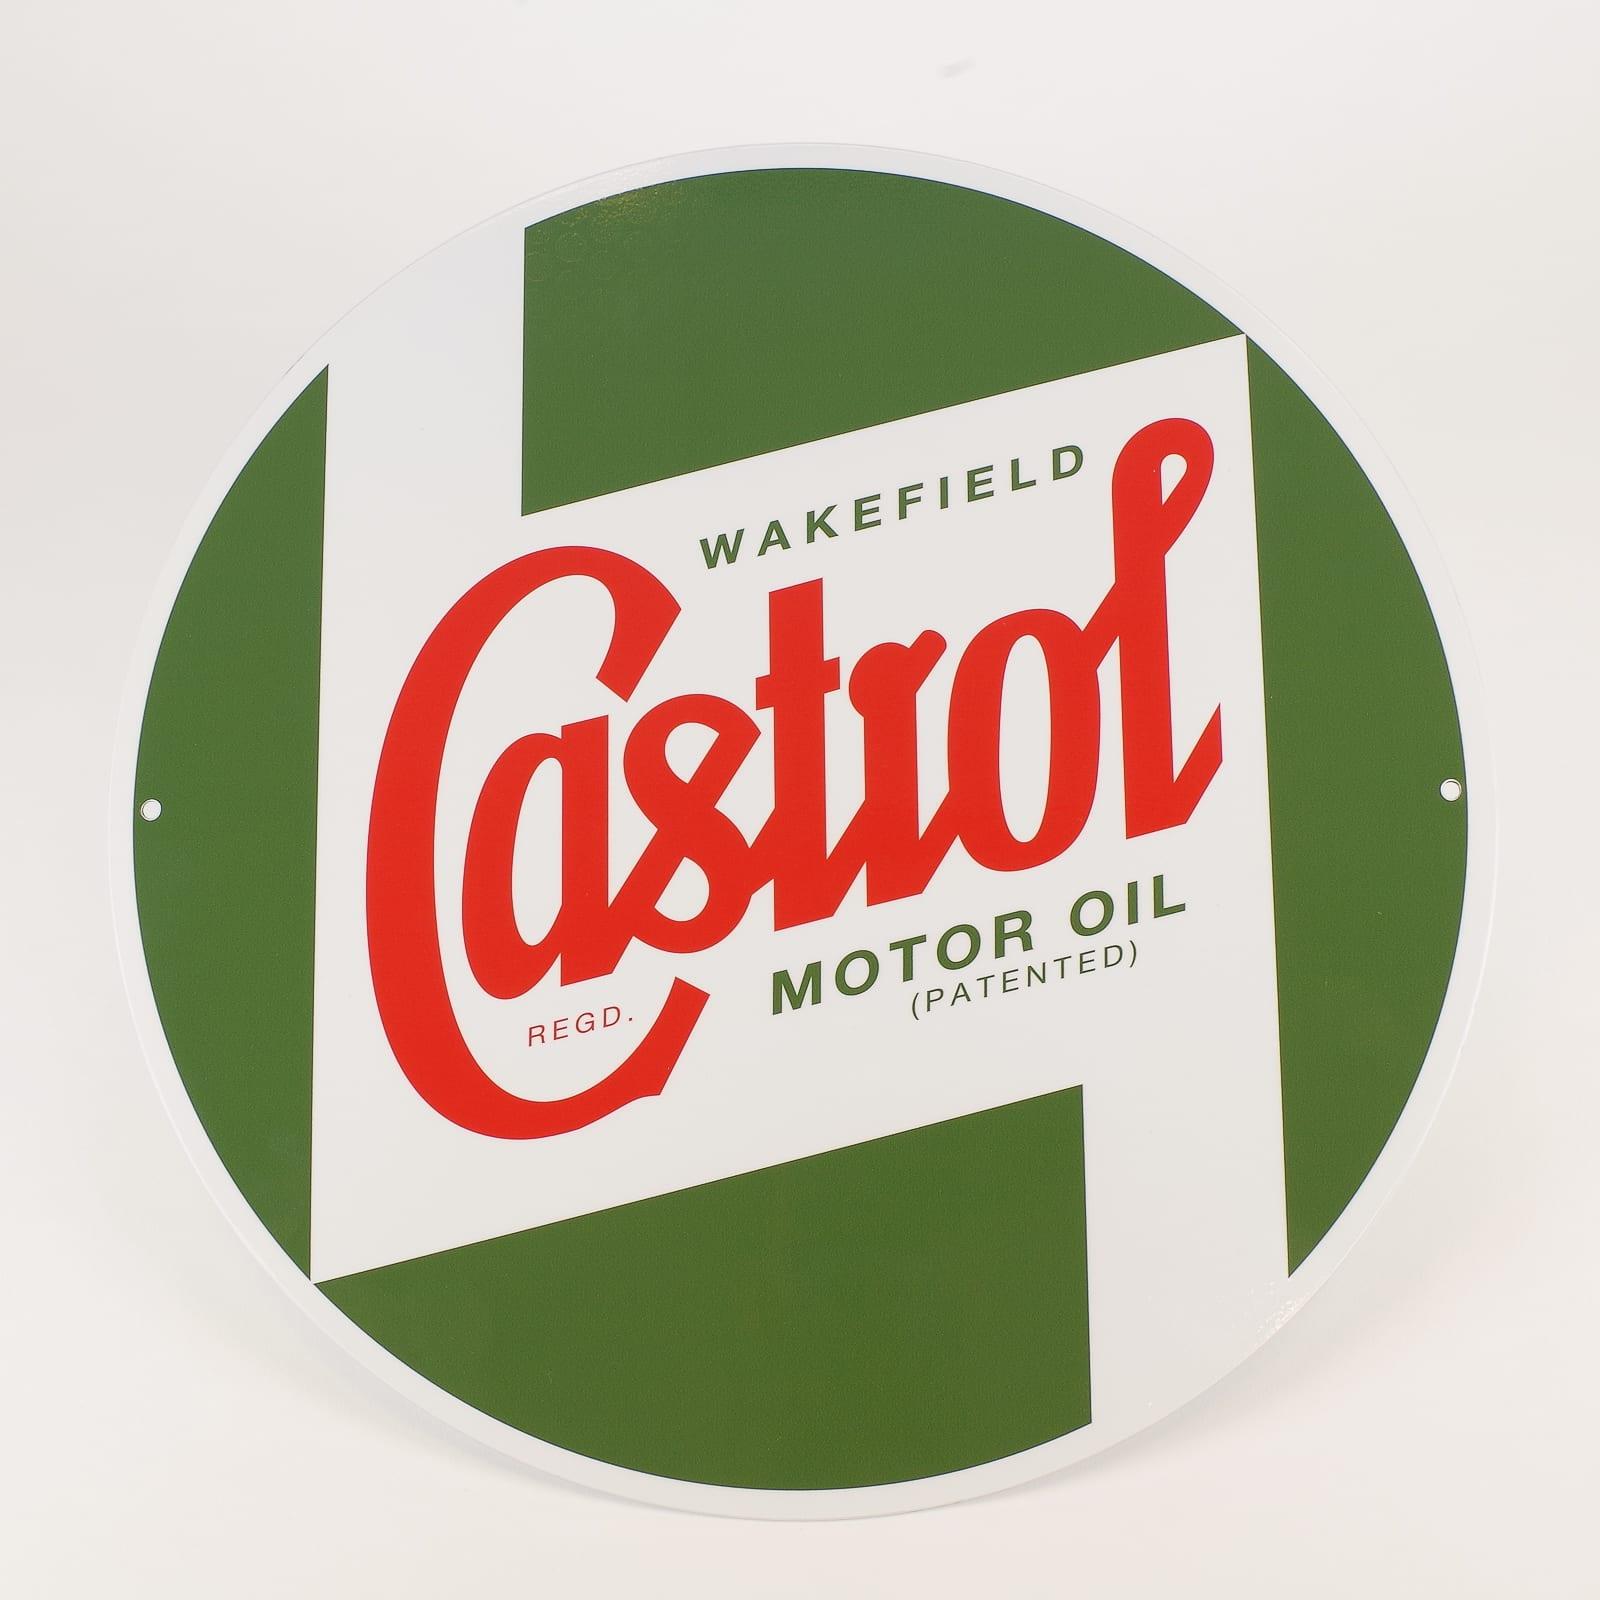 Castrol Classic Regalia -40 cm Sign